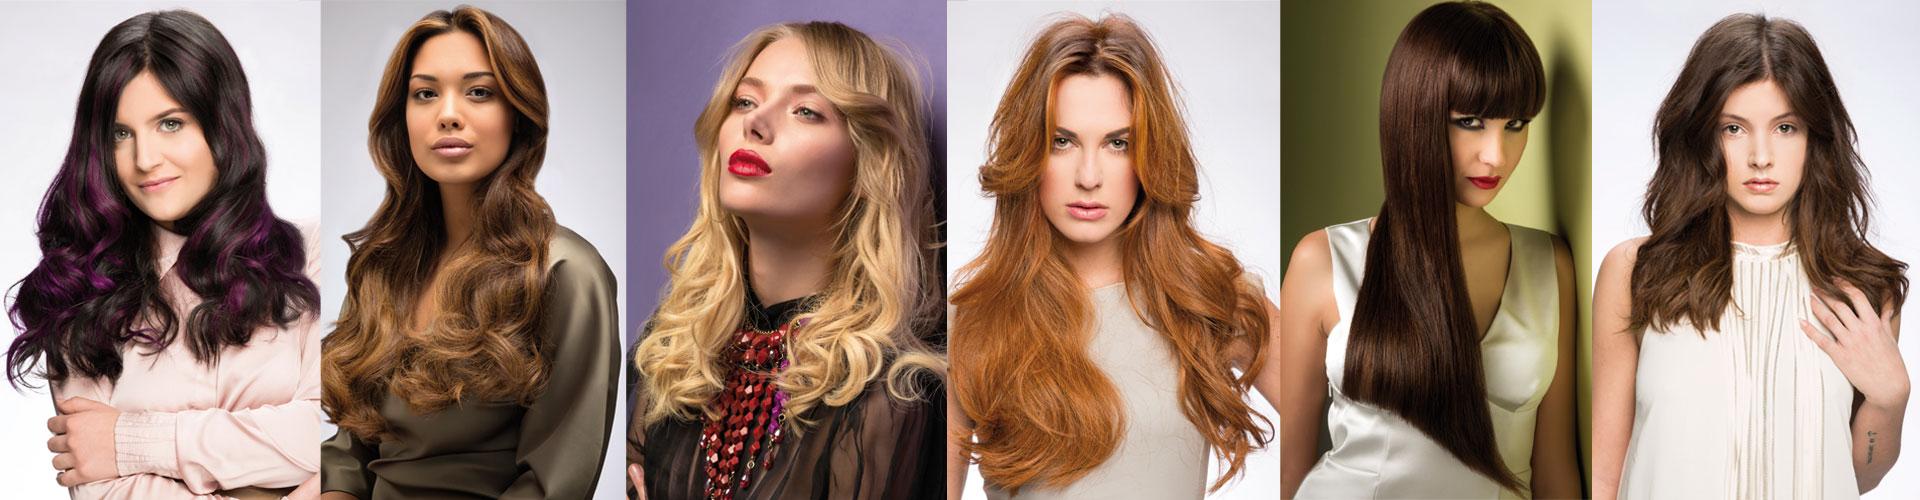 Extensions per capelli prima e dopo